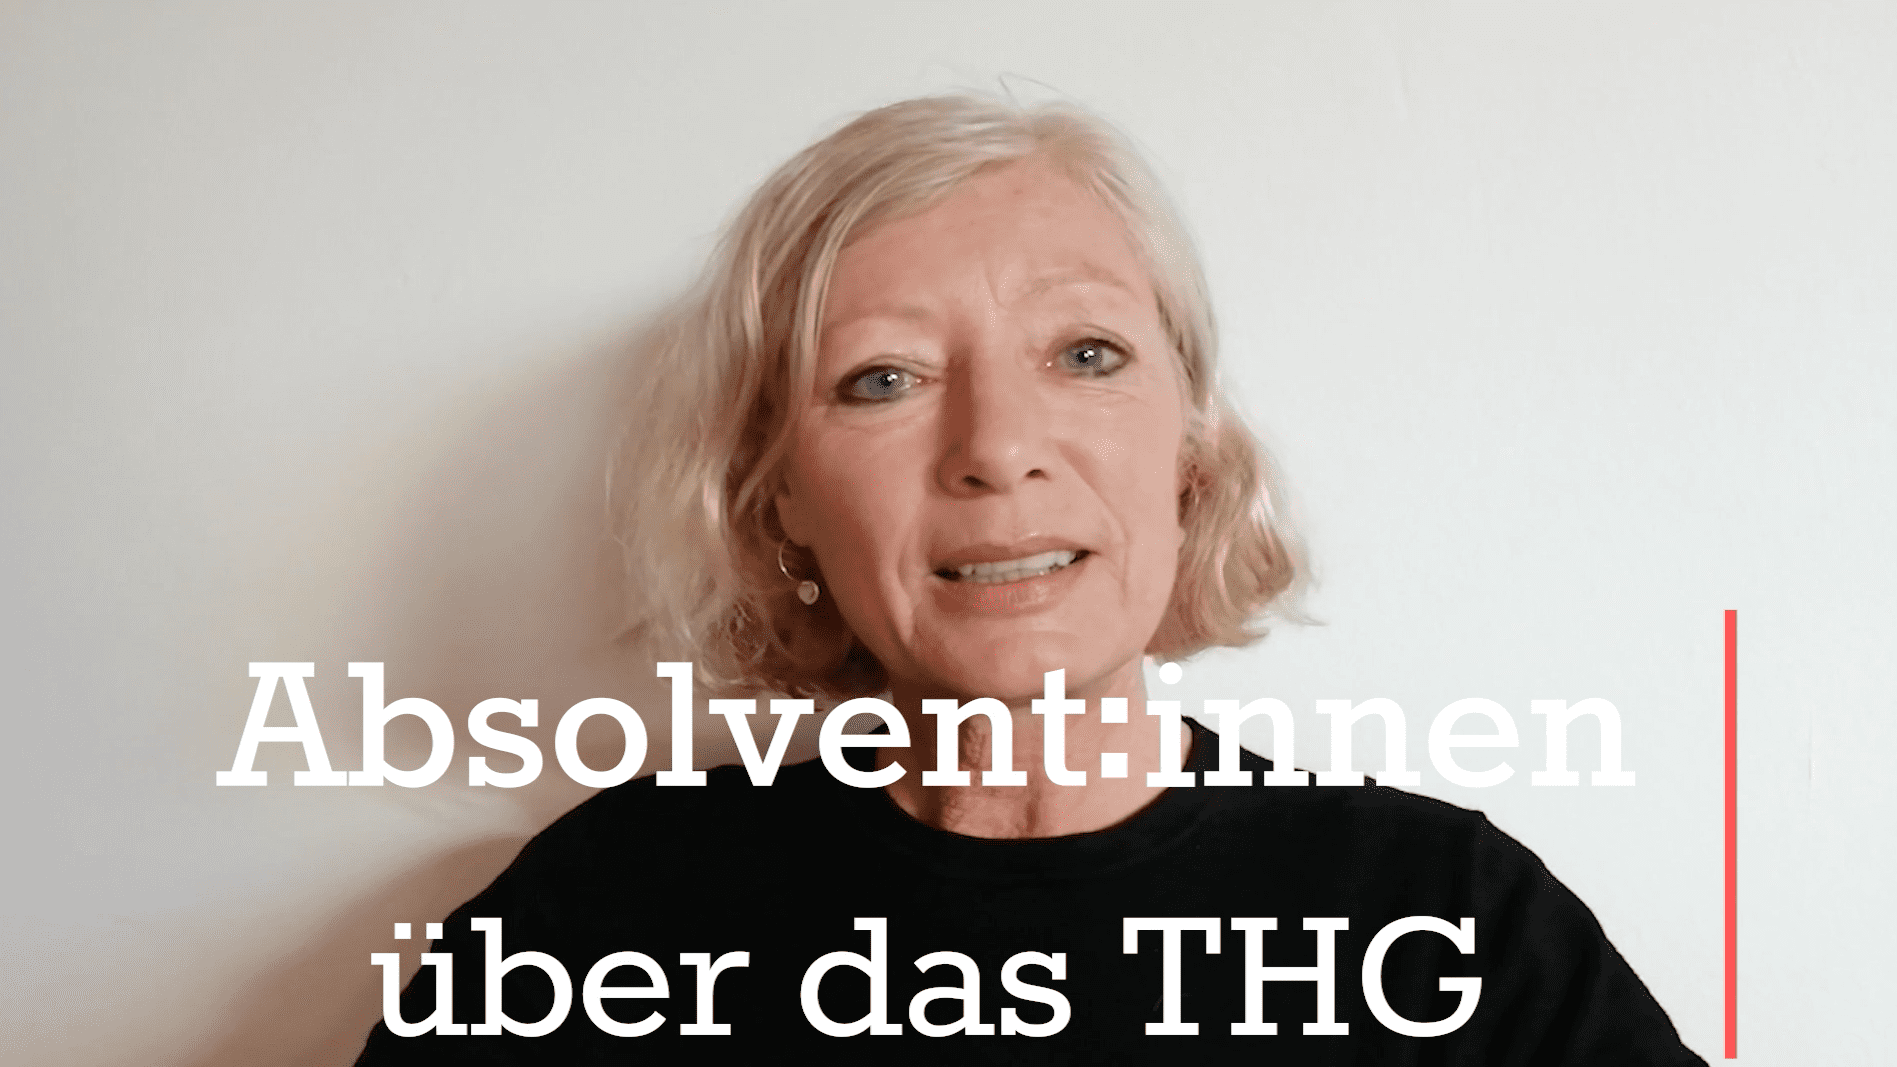 Das sagen Absolvent:innen über das Theodor-Heuss-Gymnasium Göttingen